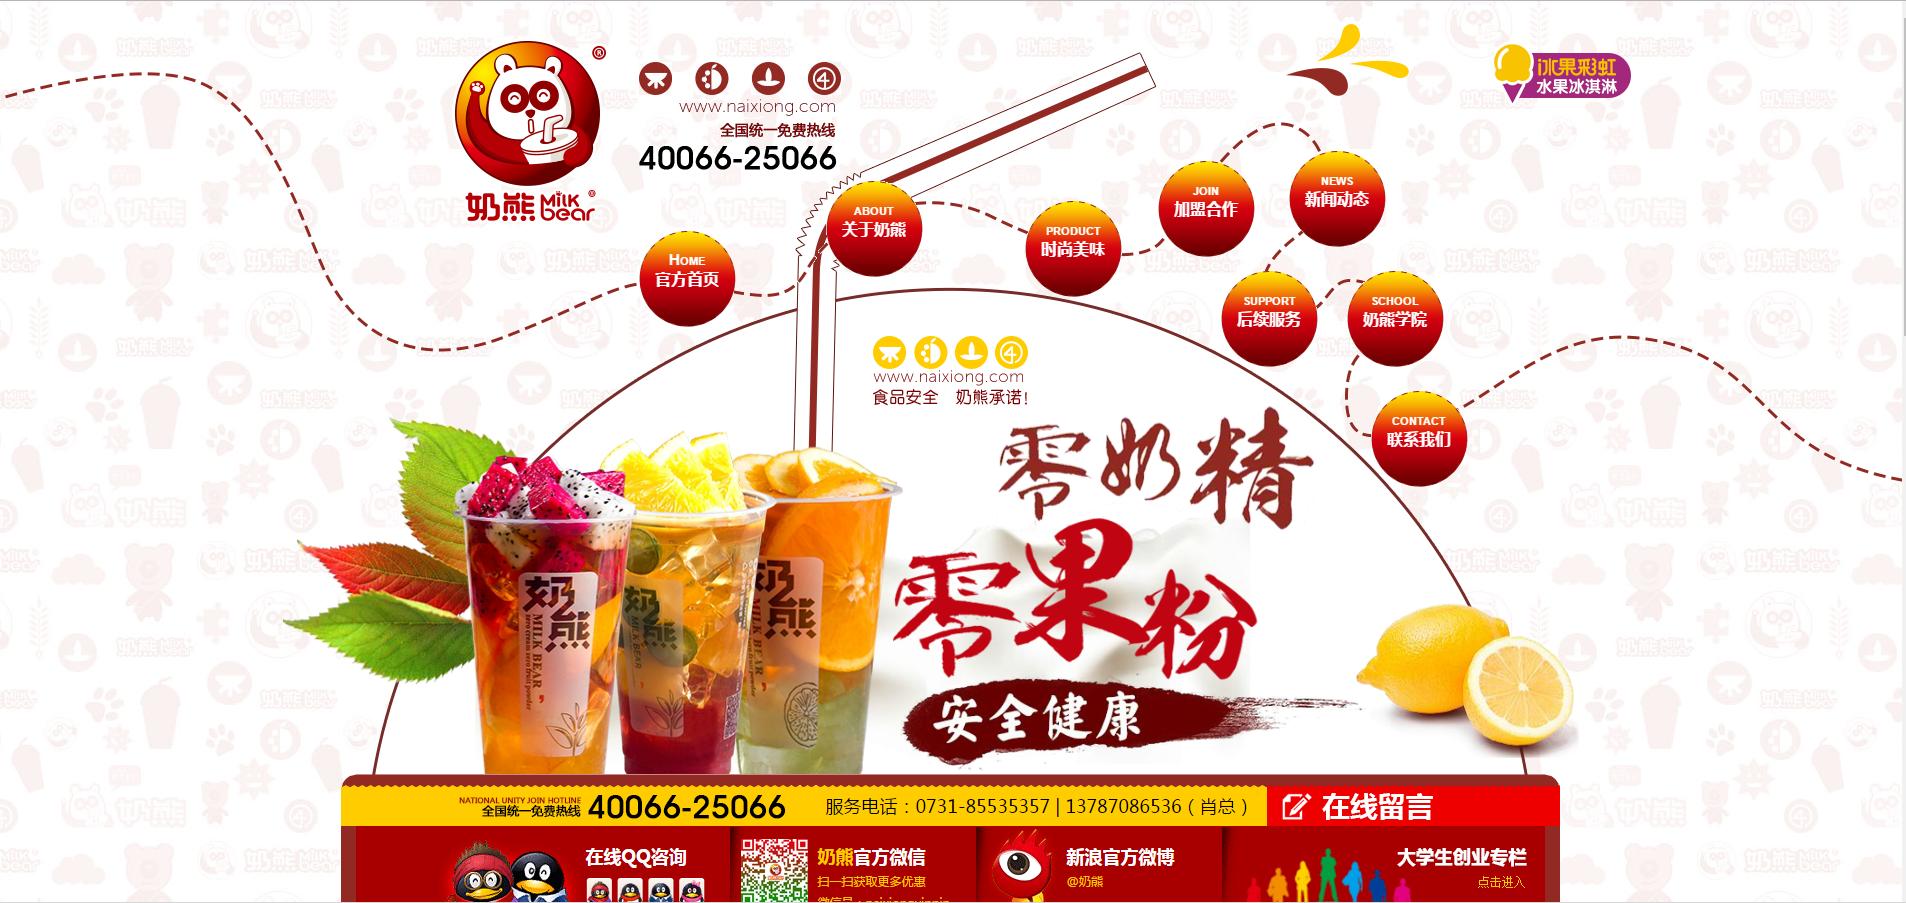 饮料奶茶加盟连锁公司网站模板整站